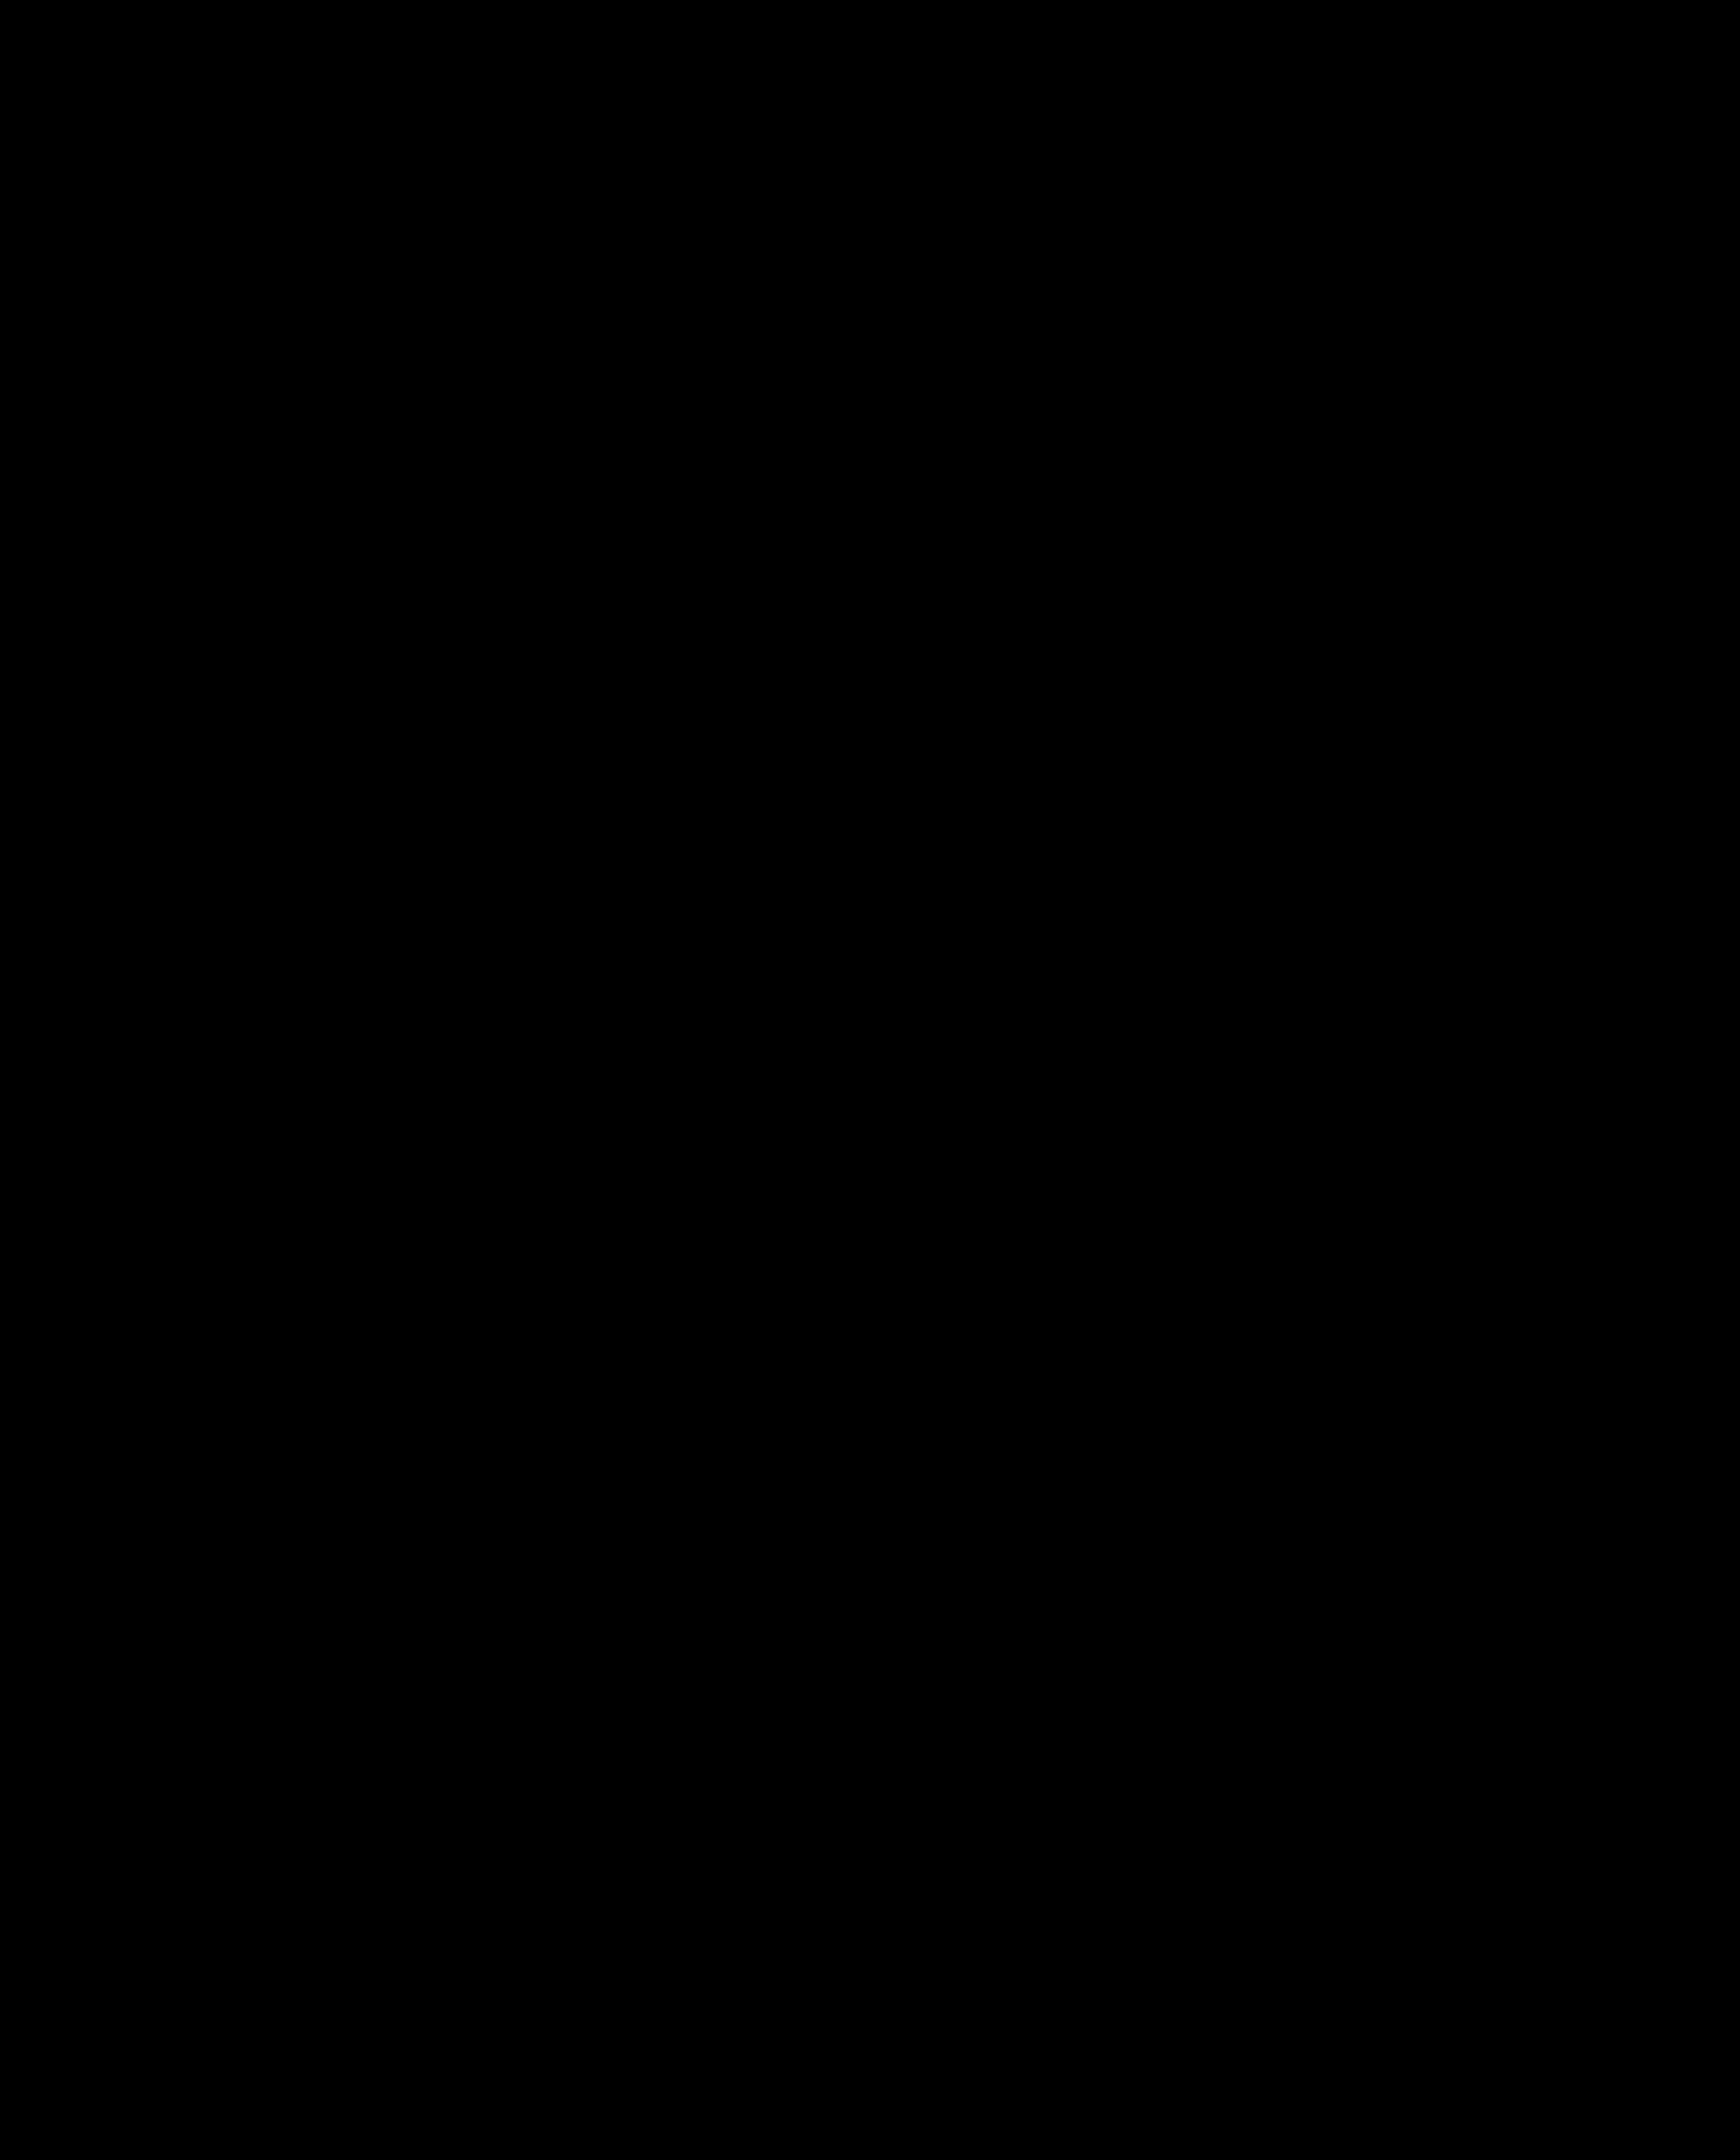 Black Silhouette Male Clip art.